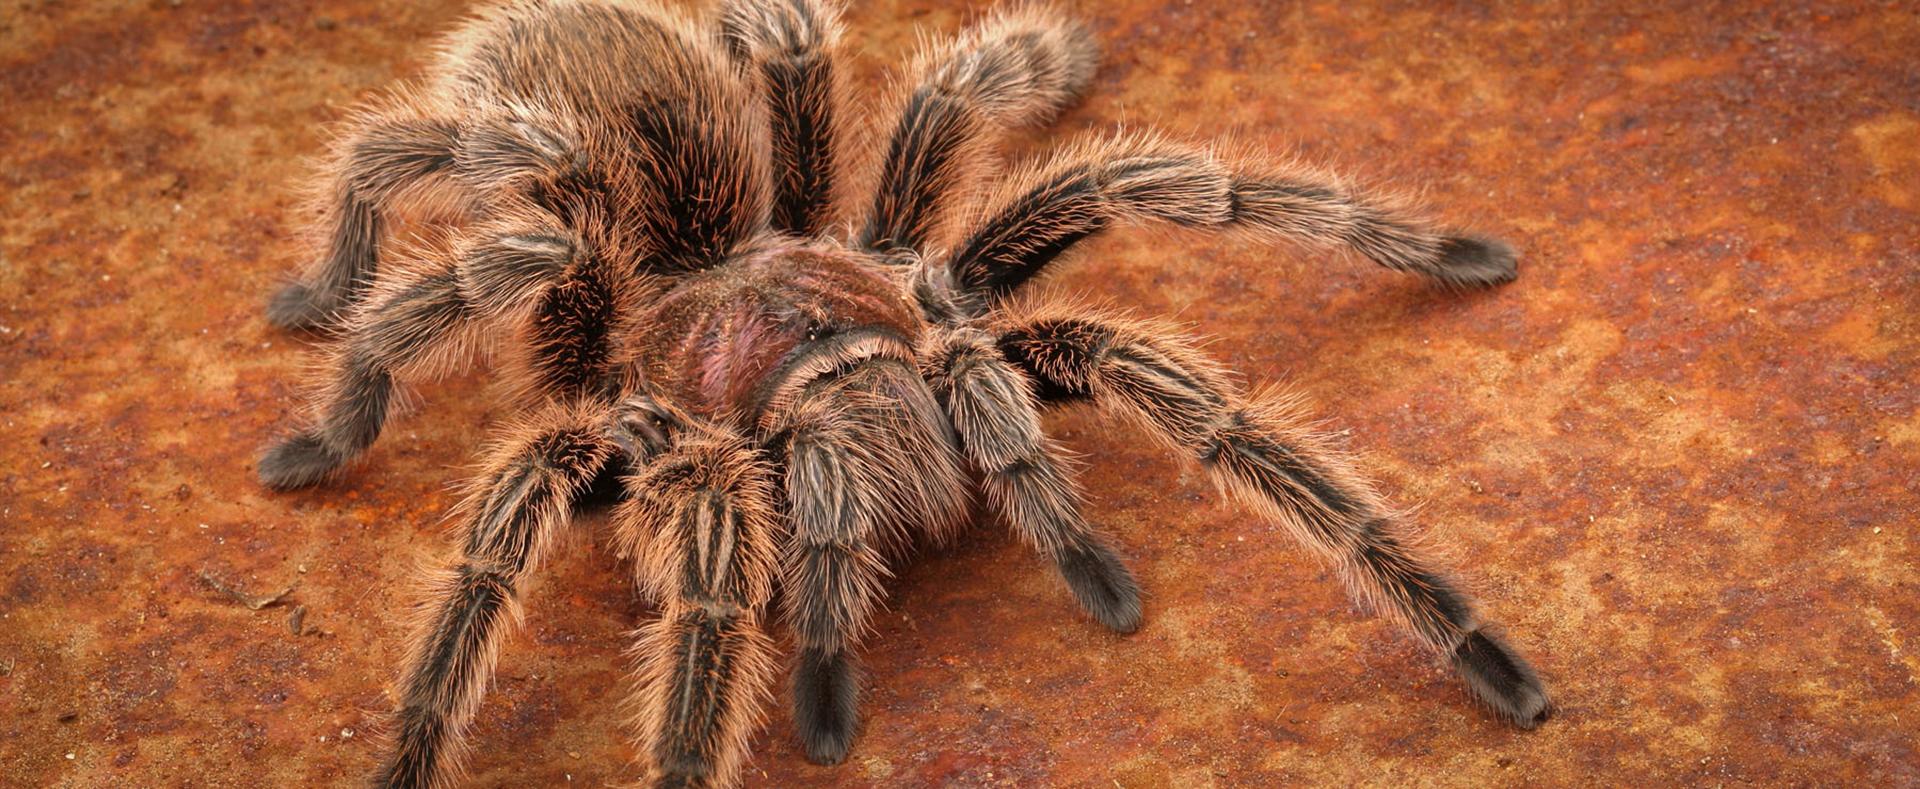 Rose hair tarantula egg sac - photo#11